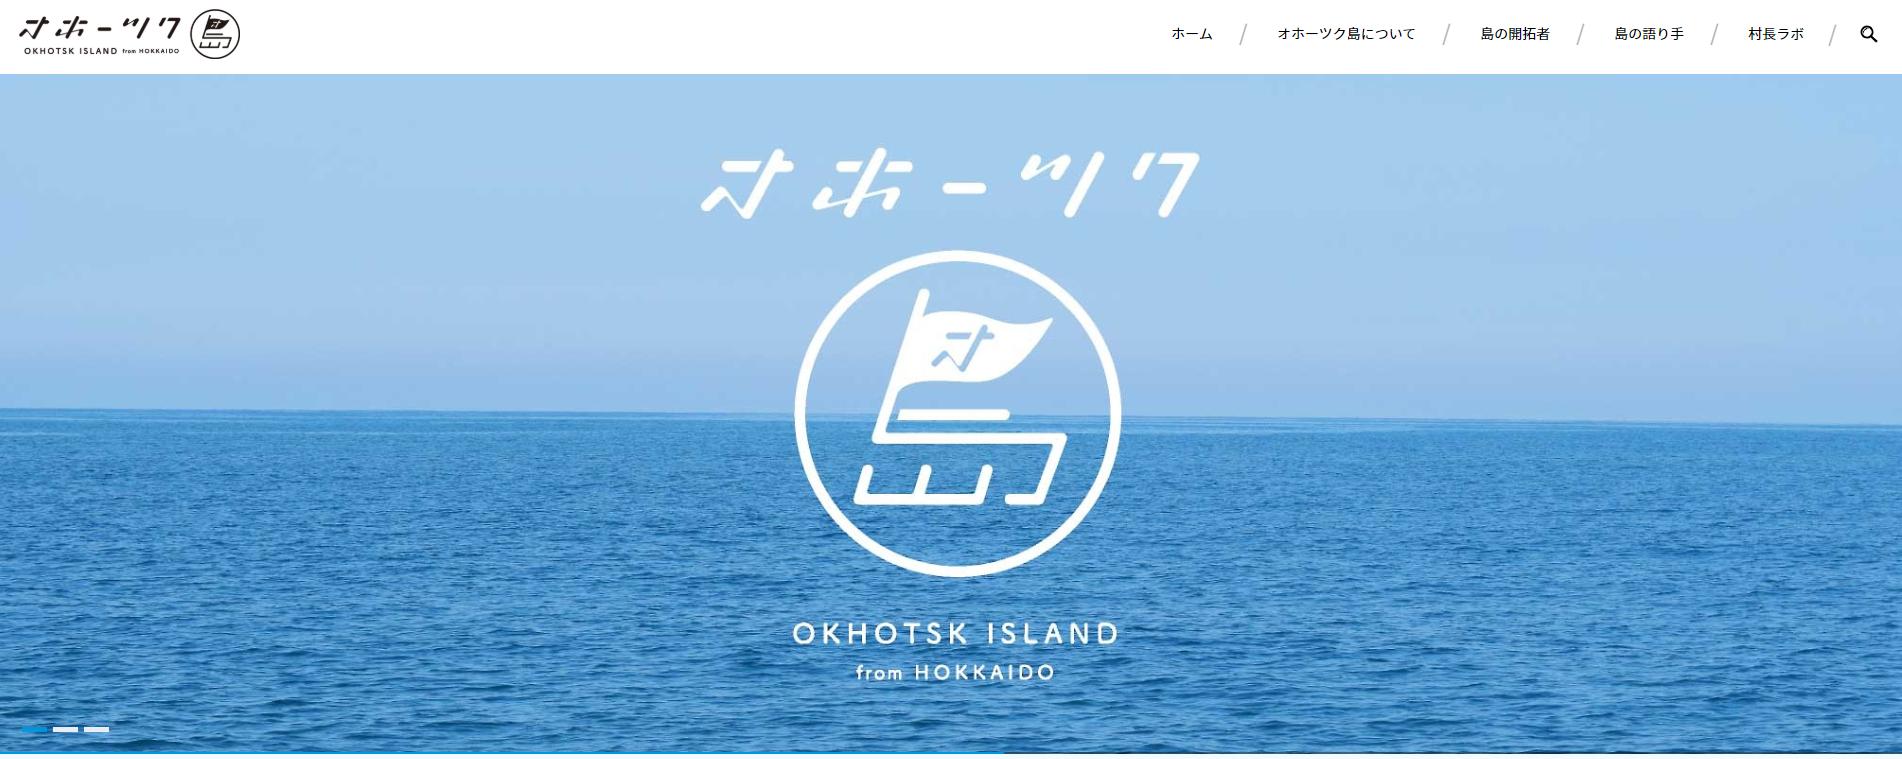 オホーツク島